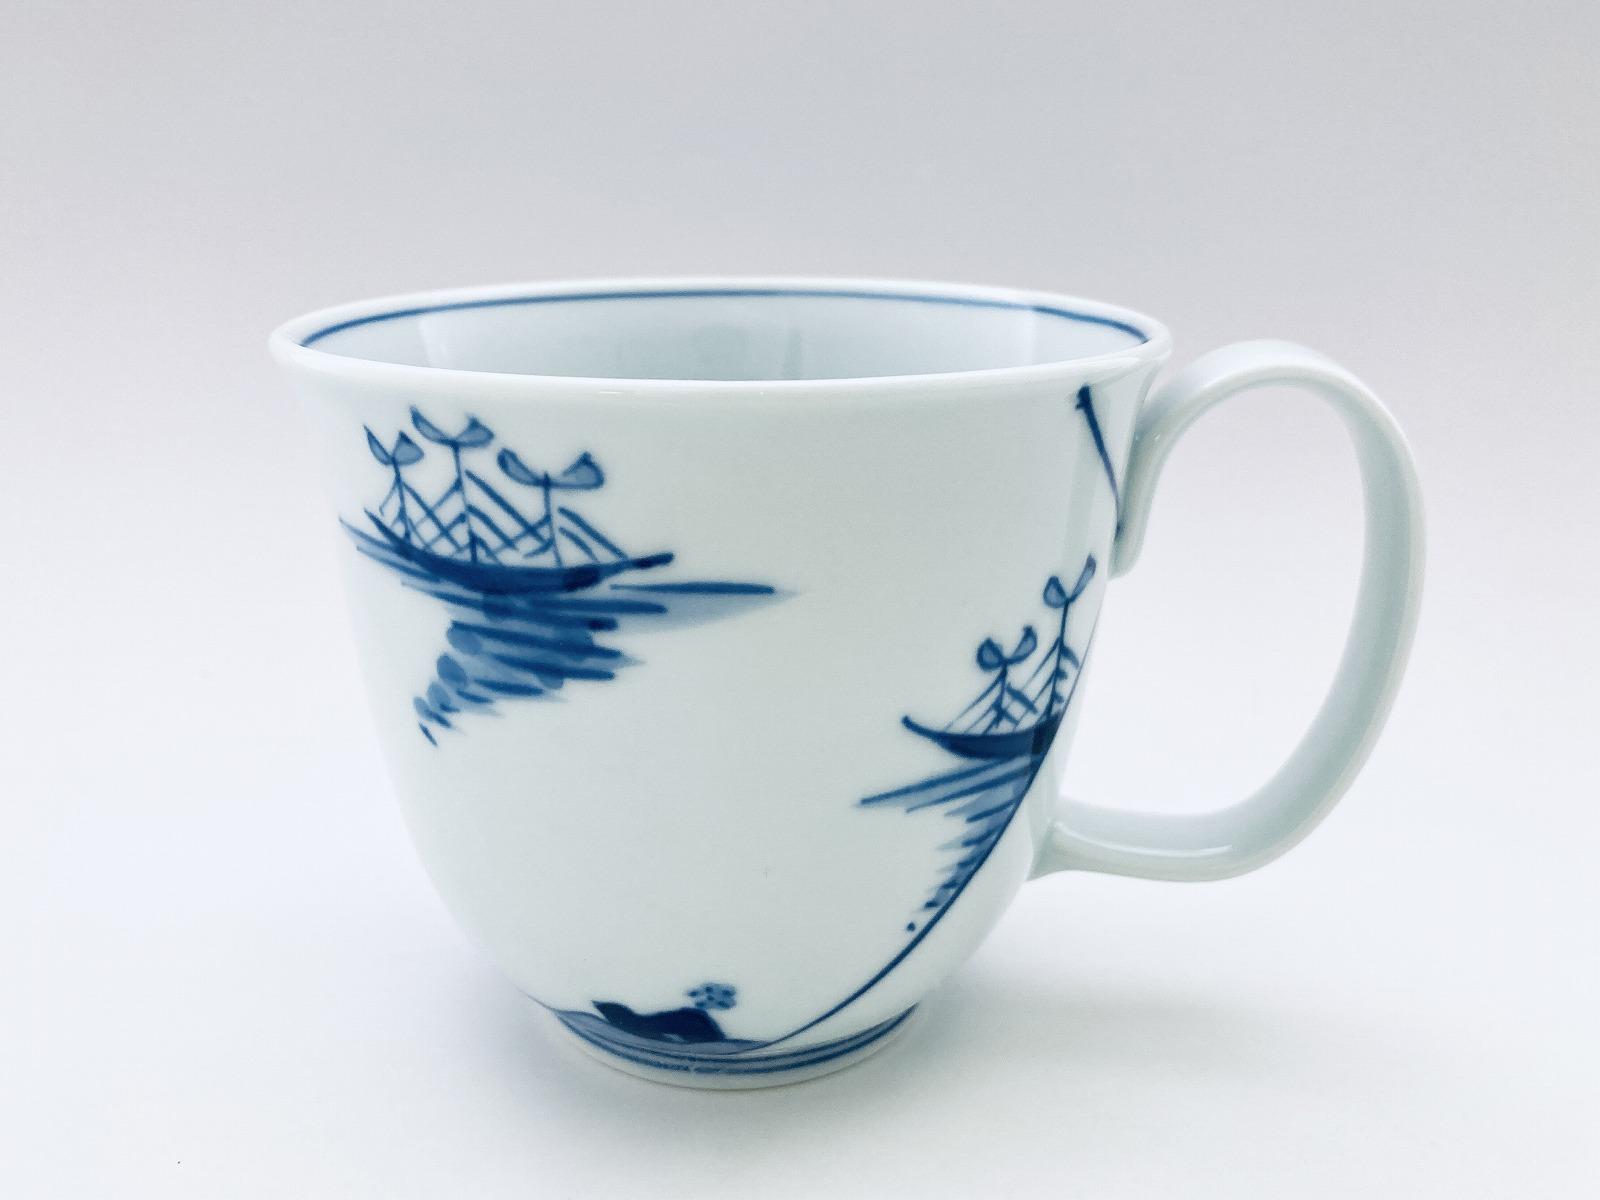 ステッキ異人フリーマグカップ(大)しん窯青花